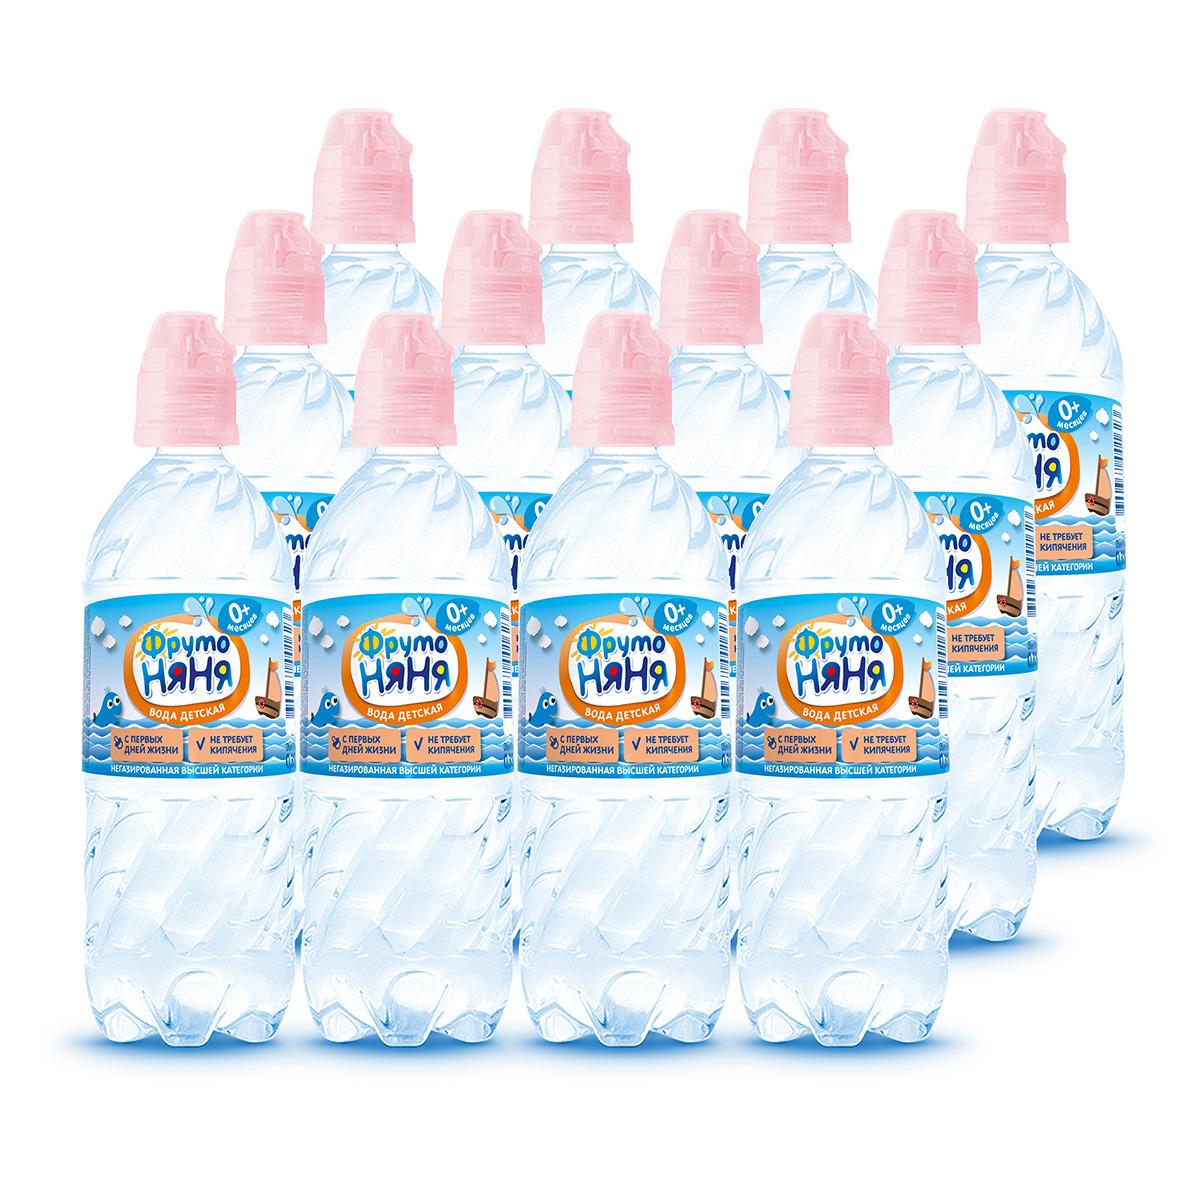 ФрутоНяня водаартезианская питьевая негазированная, 12 шт по 0,33 л вода детская фрутоняня с рождения 5 л